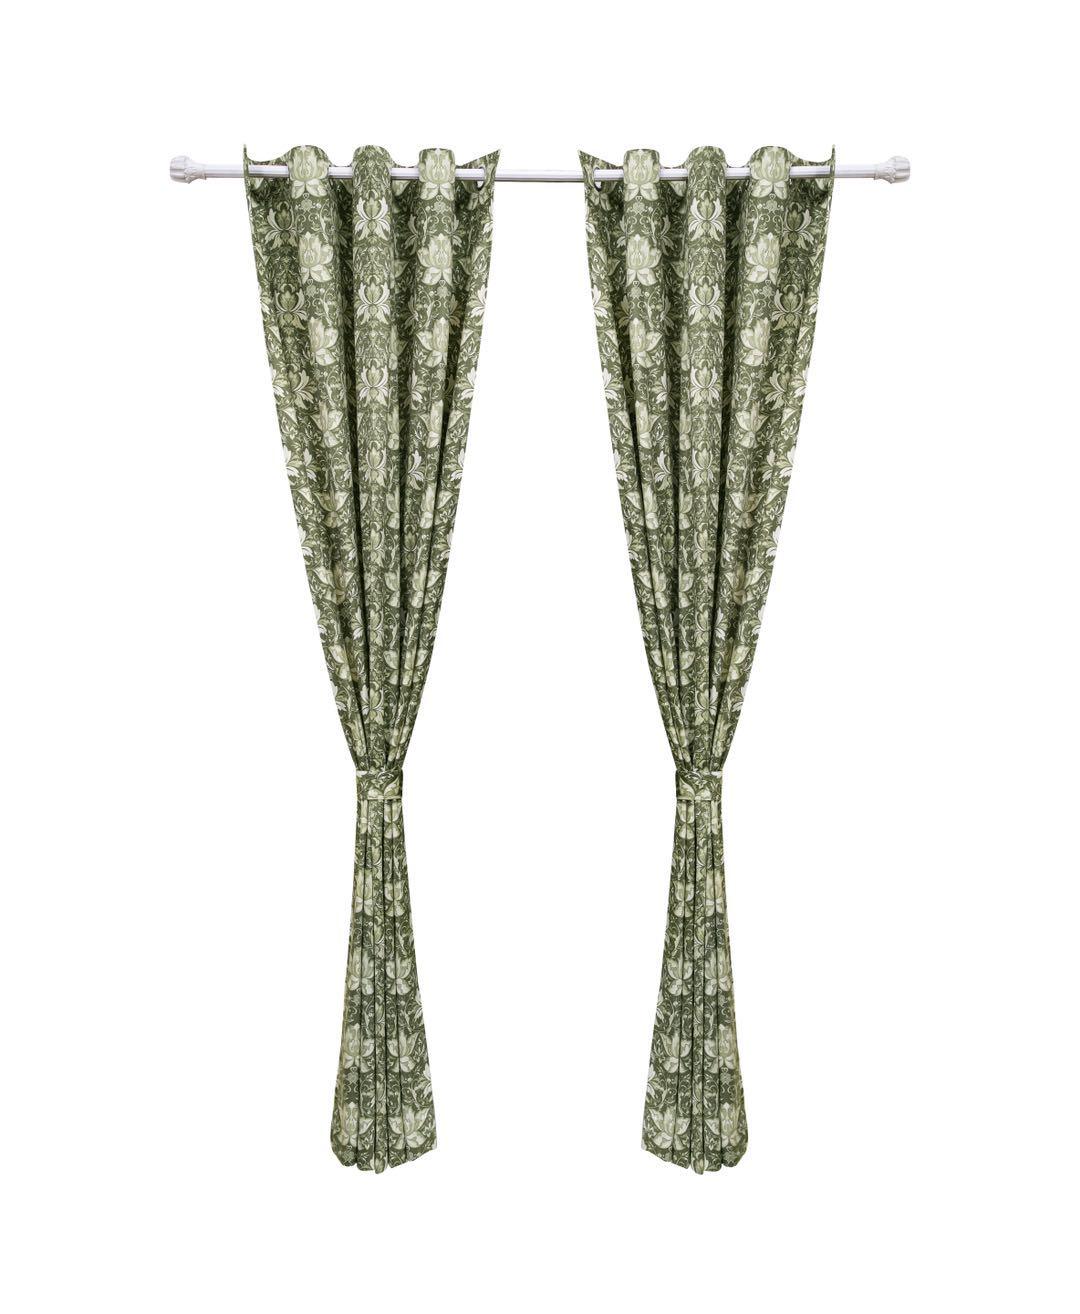 المخملية الستائر الستارة لوحات لغرفة النوم غرفة المعيشة Interio الديكور الأزهار نمط هدية التعبئة مع أحزمة مجانية و المخدة